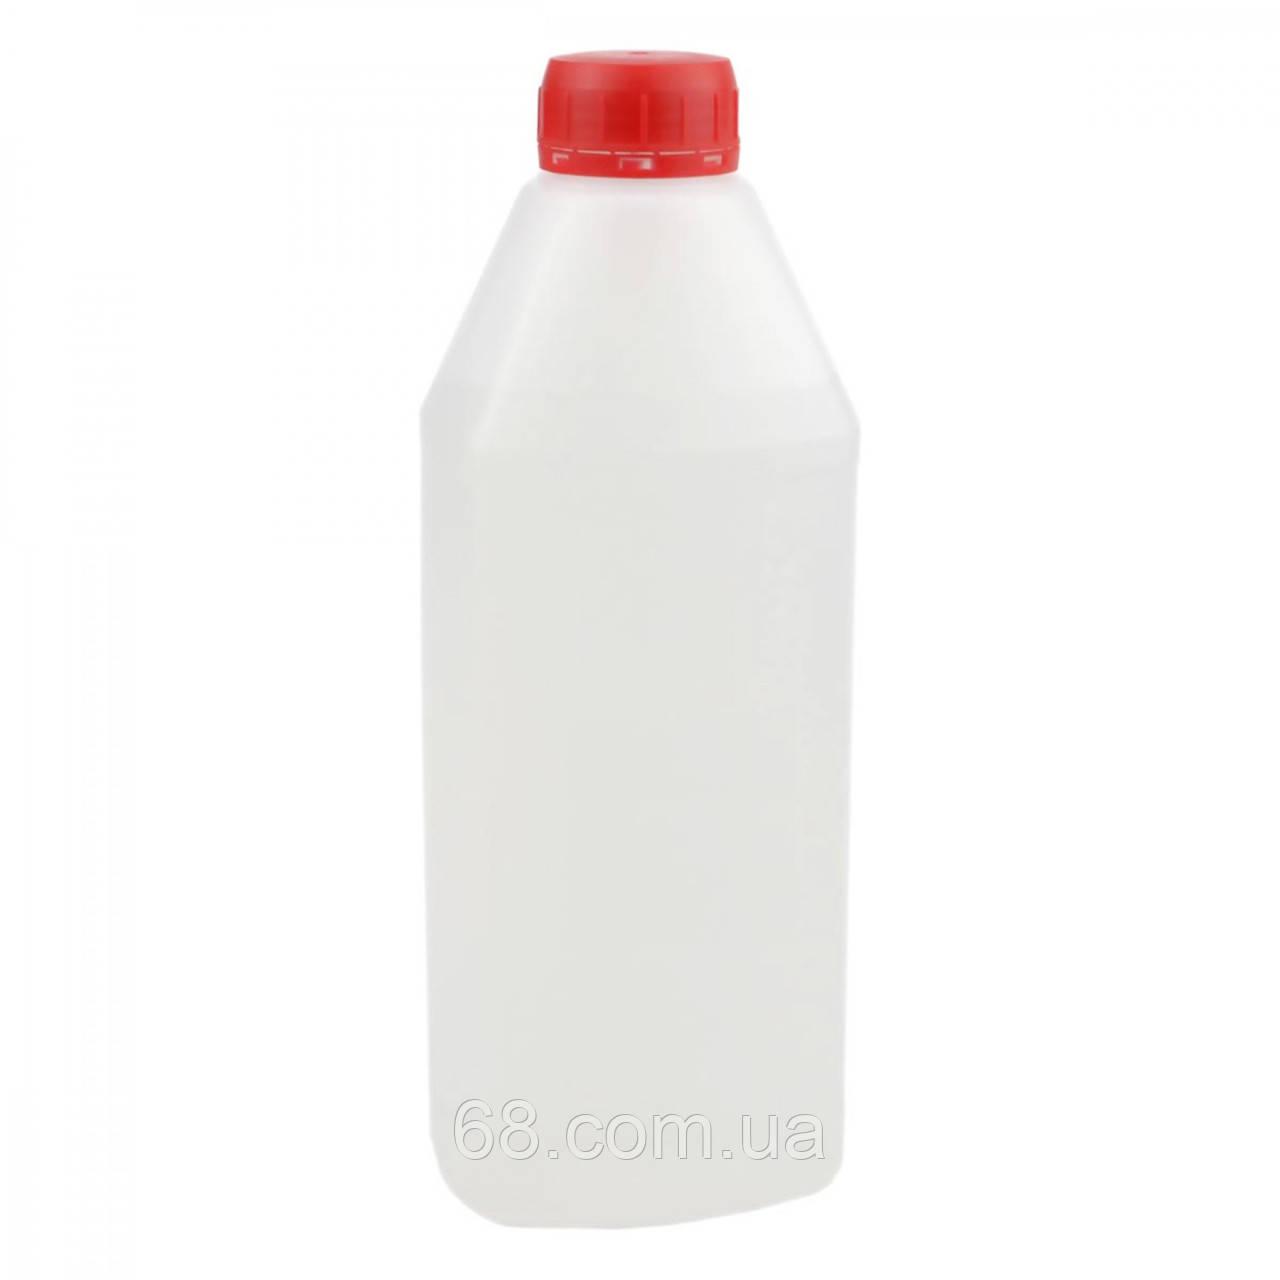 Смывка флюса Для печатных плат Изопропиловый спирт технический Абсолютированный Изопропанол 1 литр